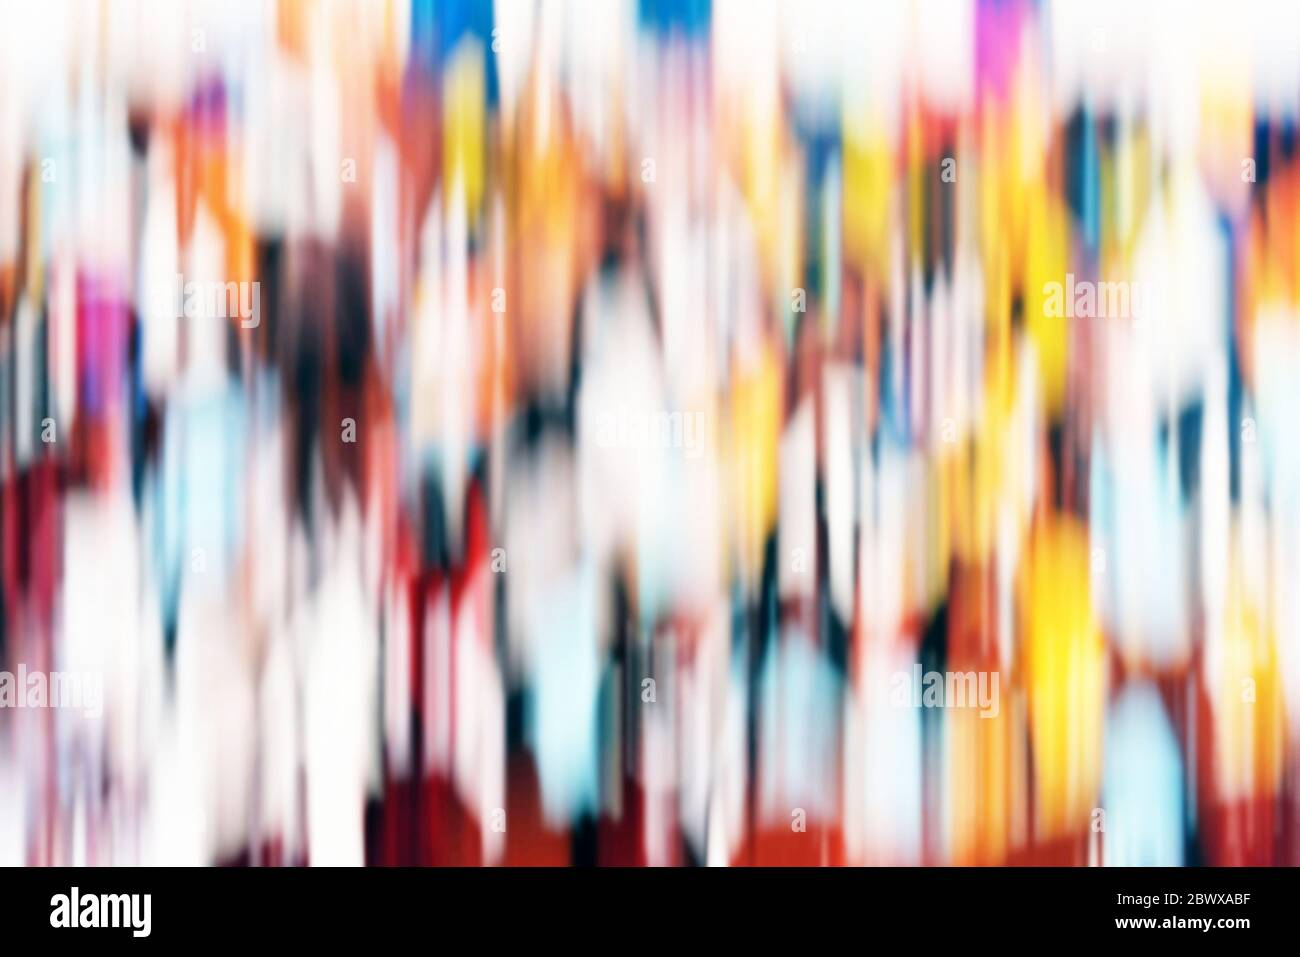 Resumen Color Movimiento Blurred Fondo. Foto de stock